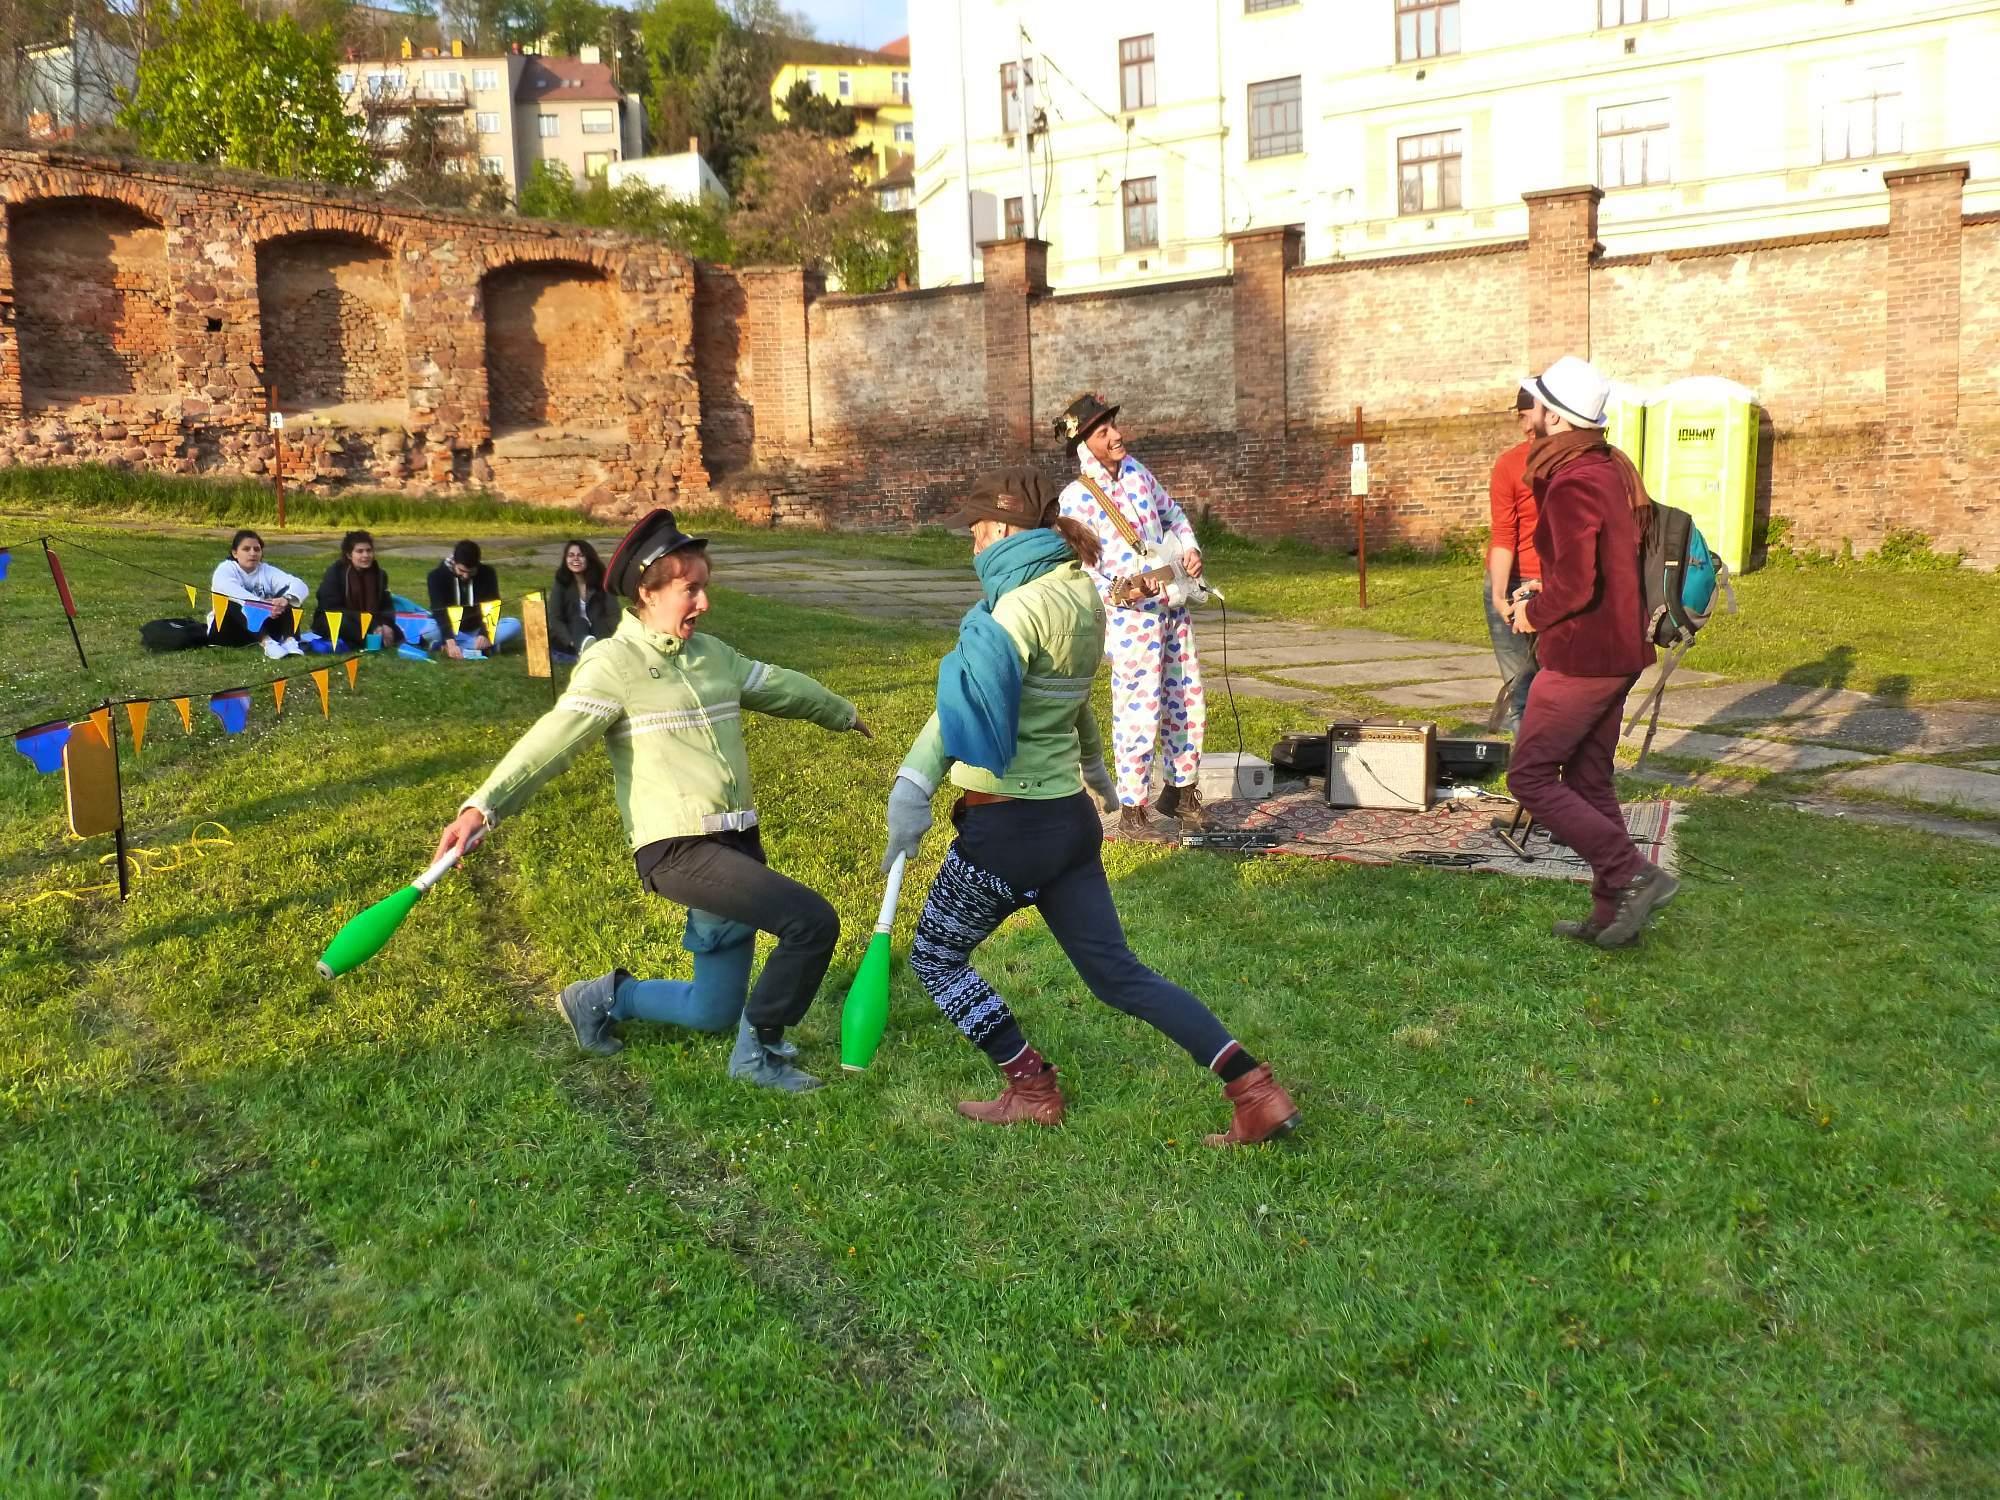 Celá pouť byla doprovázena hudbou a příslušníci souboru La famille Walili bavili návštěvníky originálními kostýmy a různými tanečními kreacemi. Foto: Kristýna Hortvíková